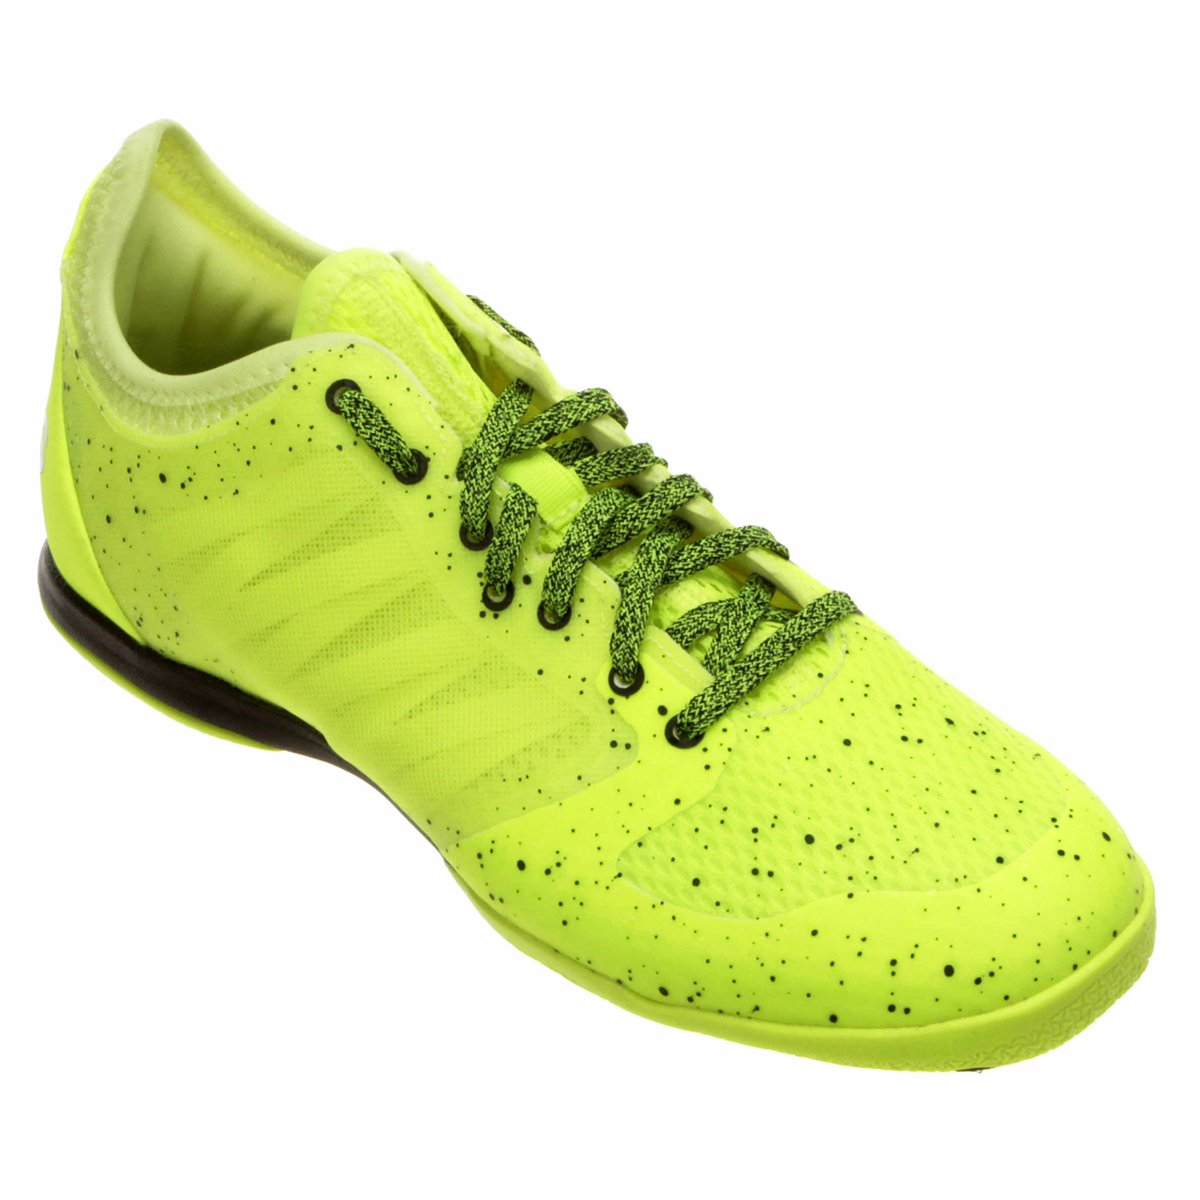 8140f12dcc7cf Chuteira Adidas Vs X 15.2 CT Futsal